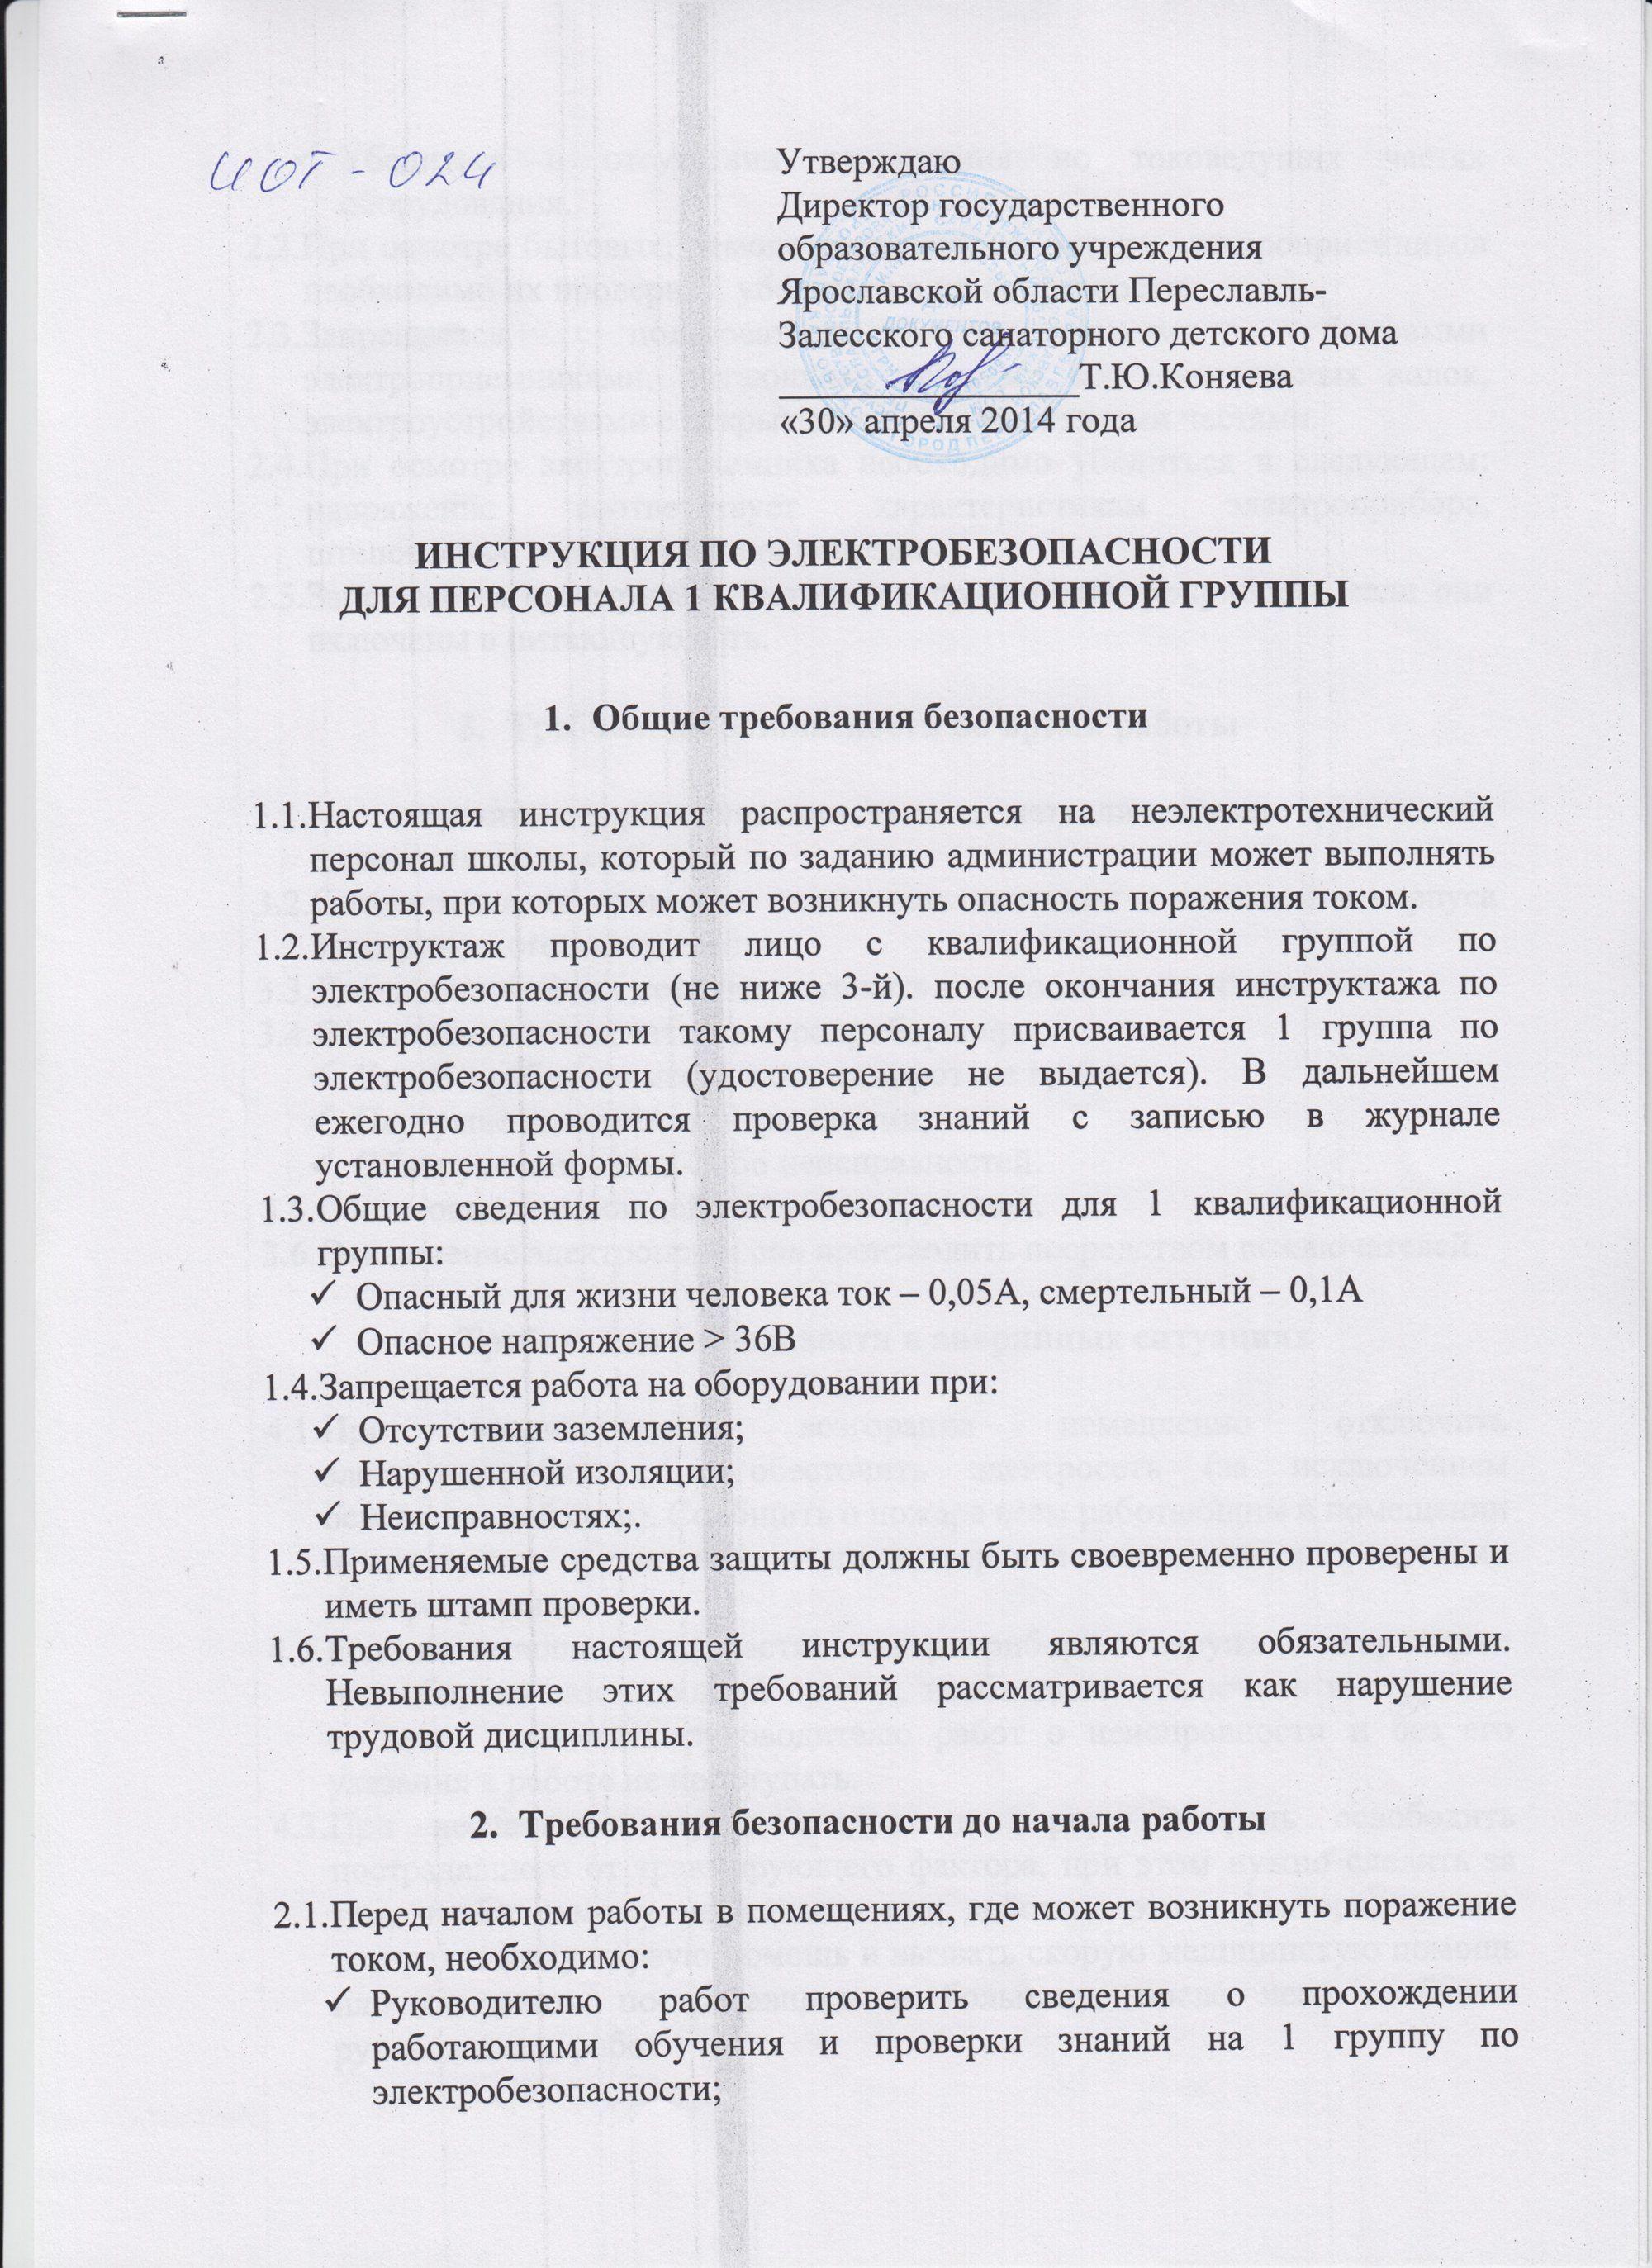 Инструкция по электробезопасности кто проводит экзамены по электробезопасности 4 группы